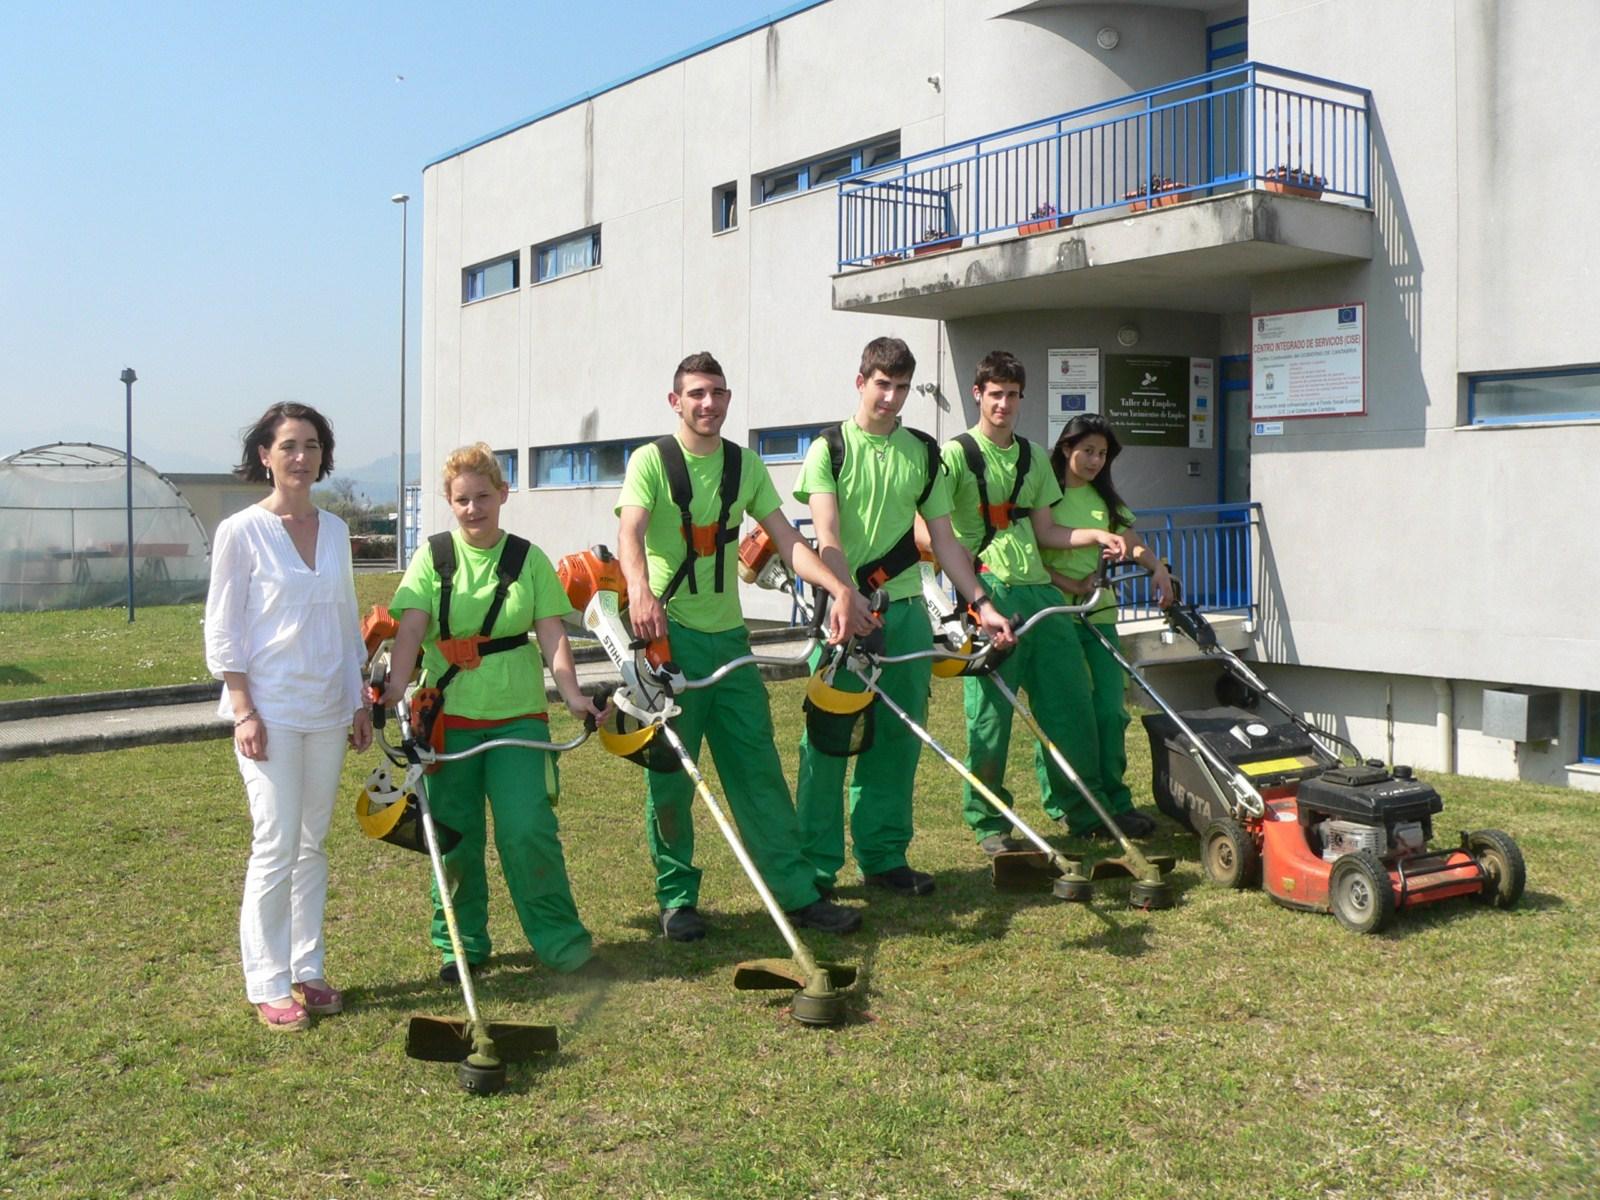 alumnos del curso de ayudantes de jardiner a comienzan